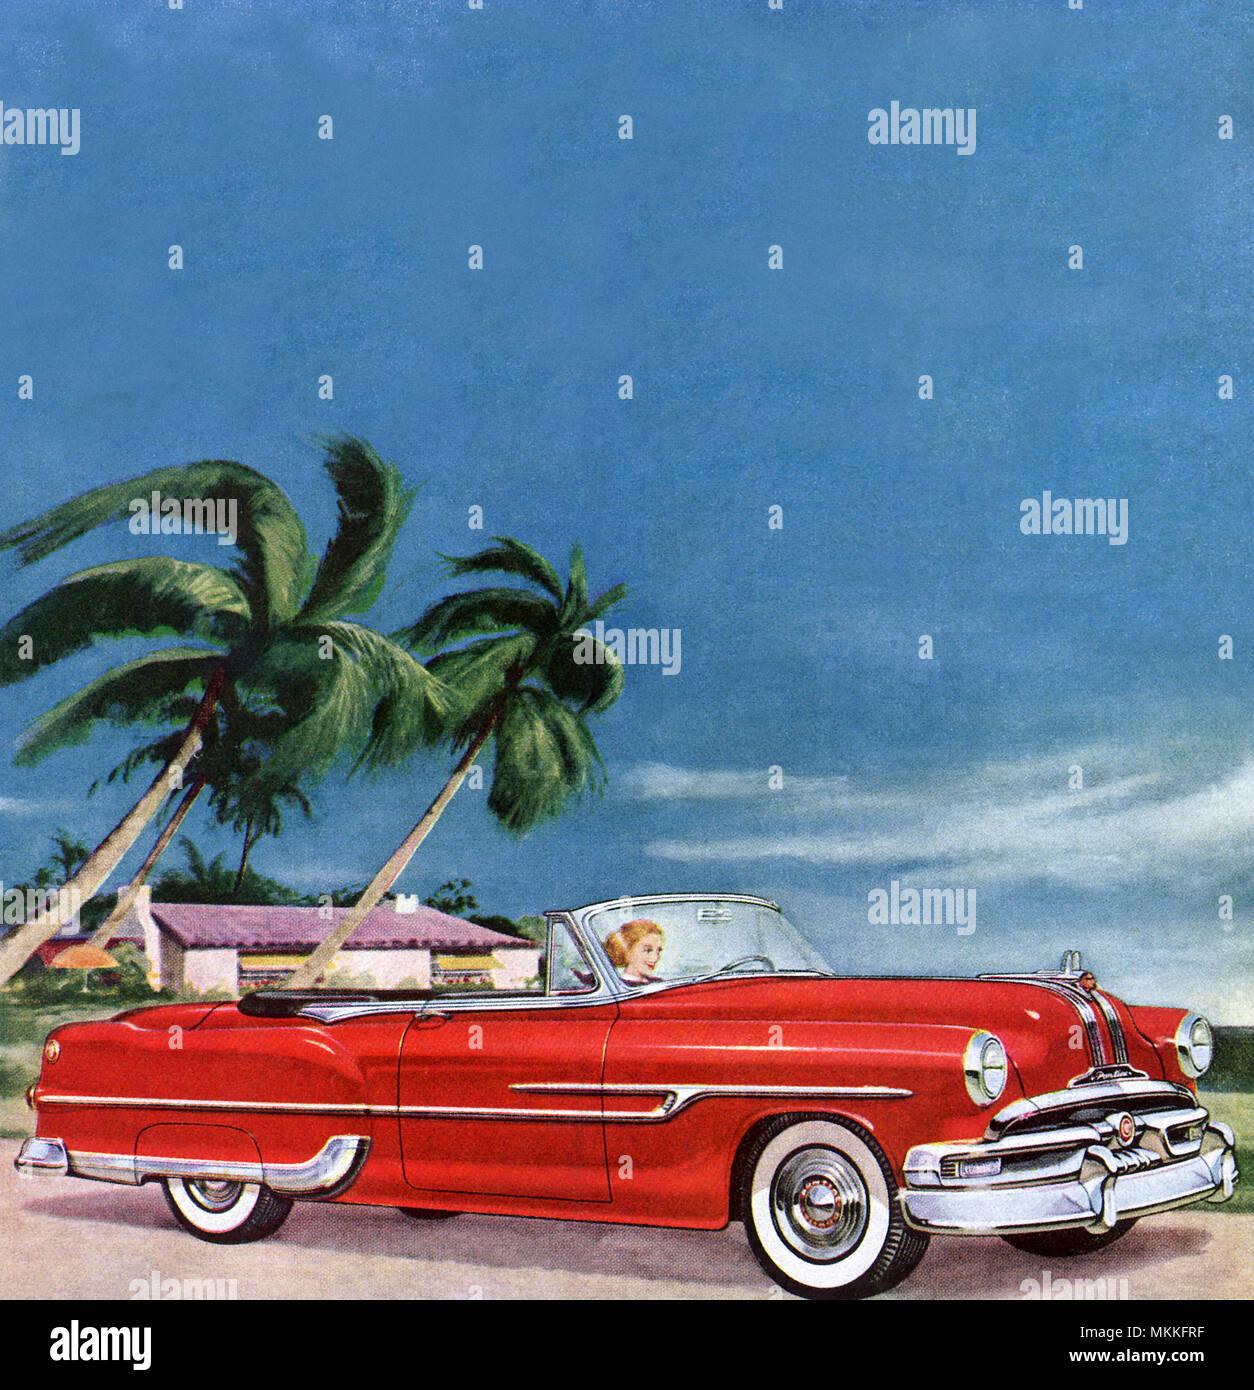 Pontiac Convertible Stock Photos Images 1953 Grand Prix Image